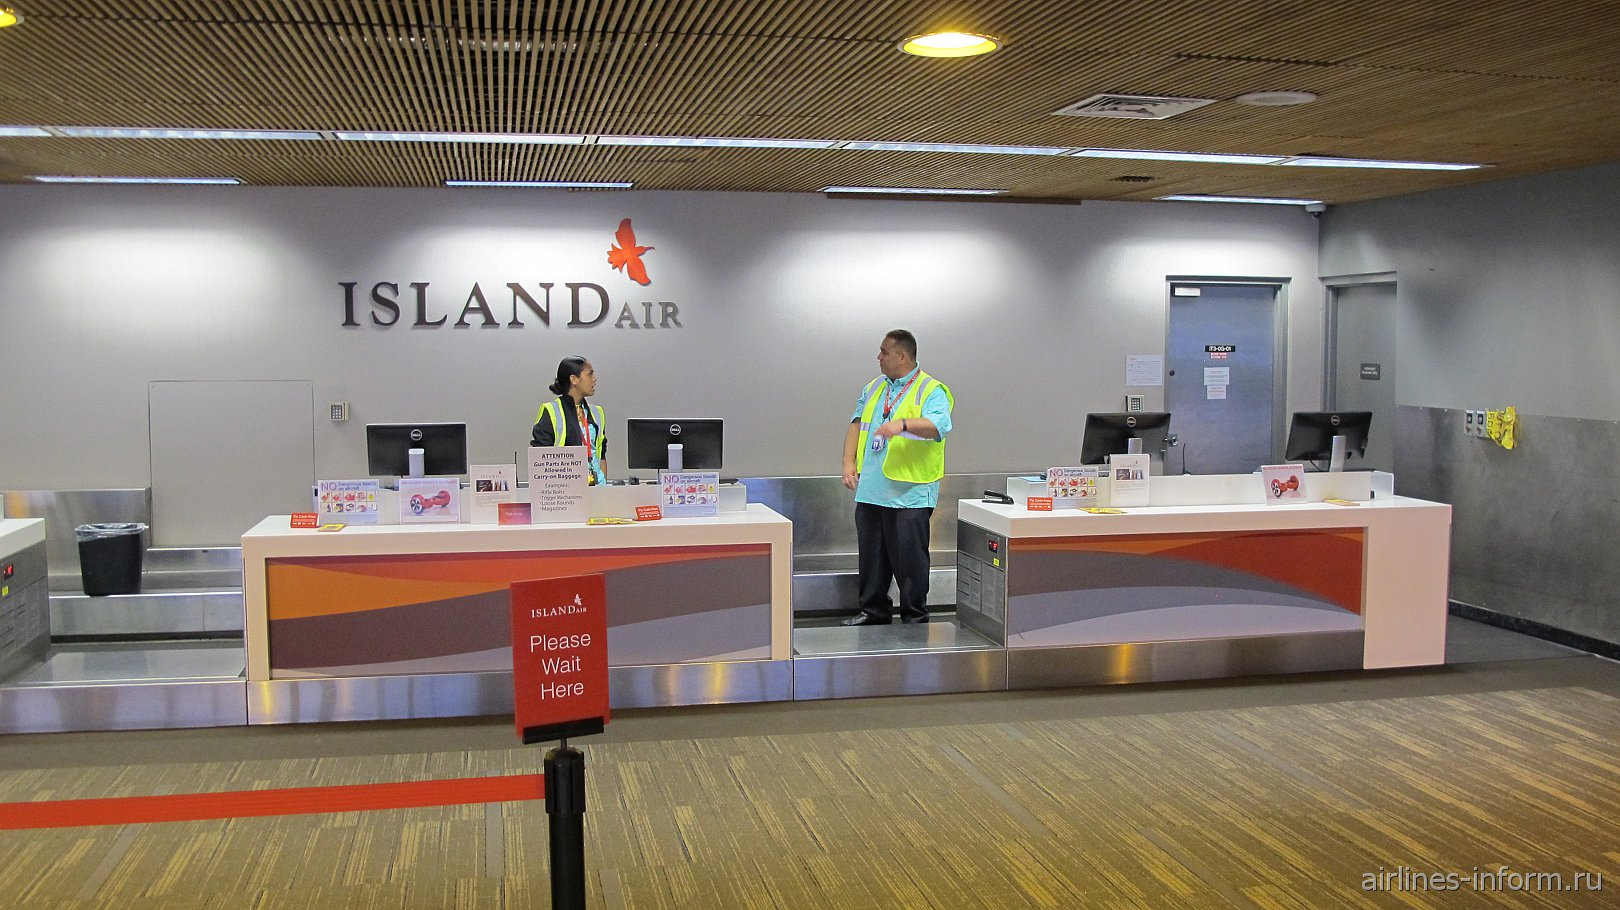 ������ ����������� ������������ Island Air � ��������� ��������